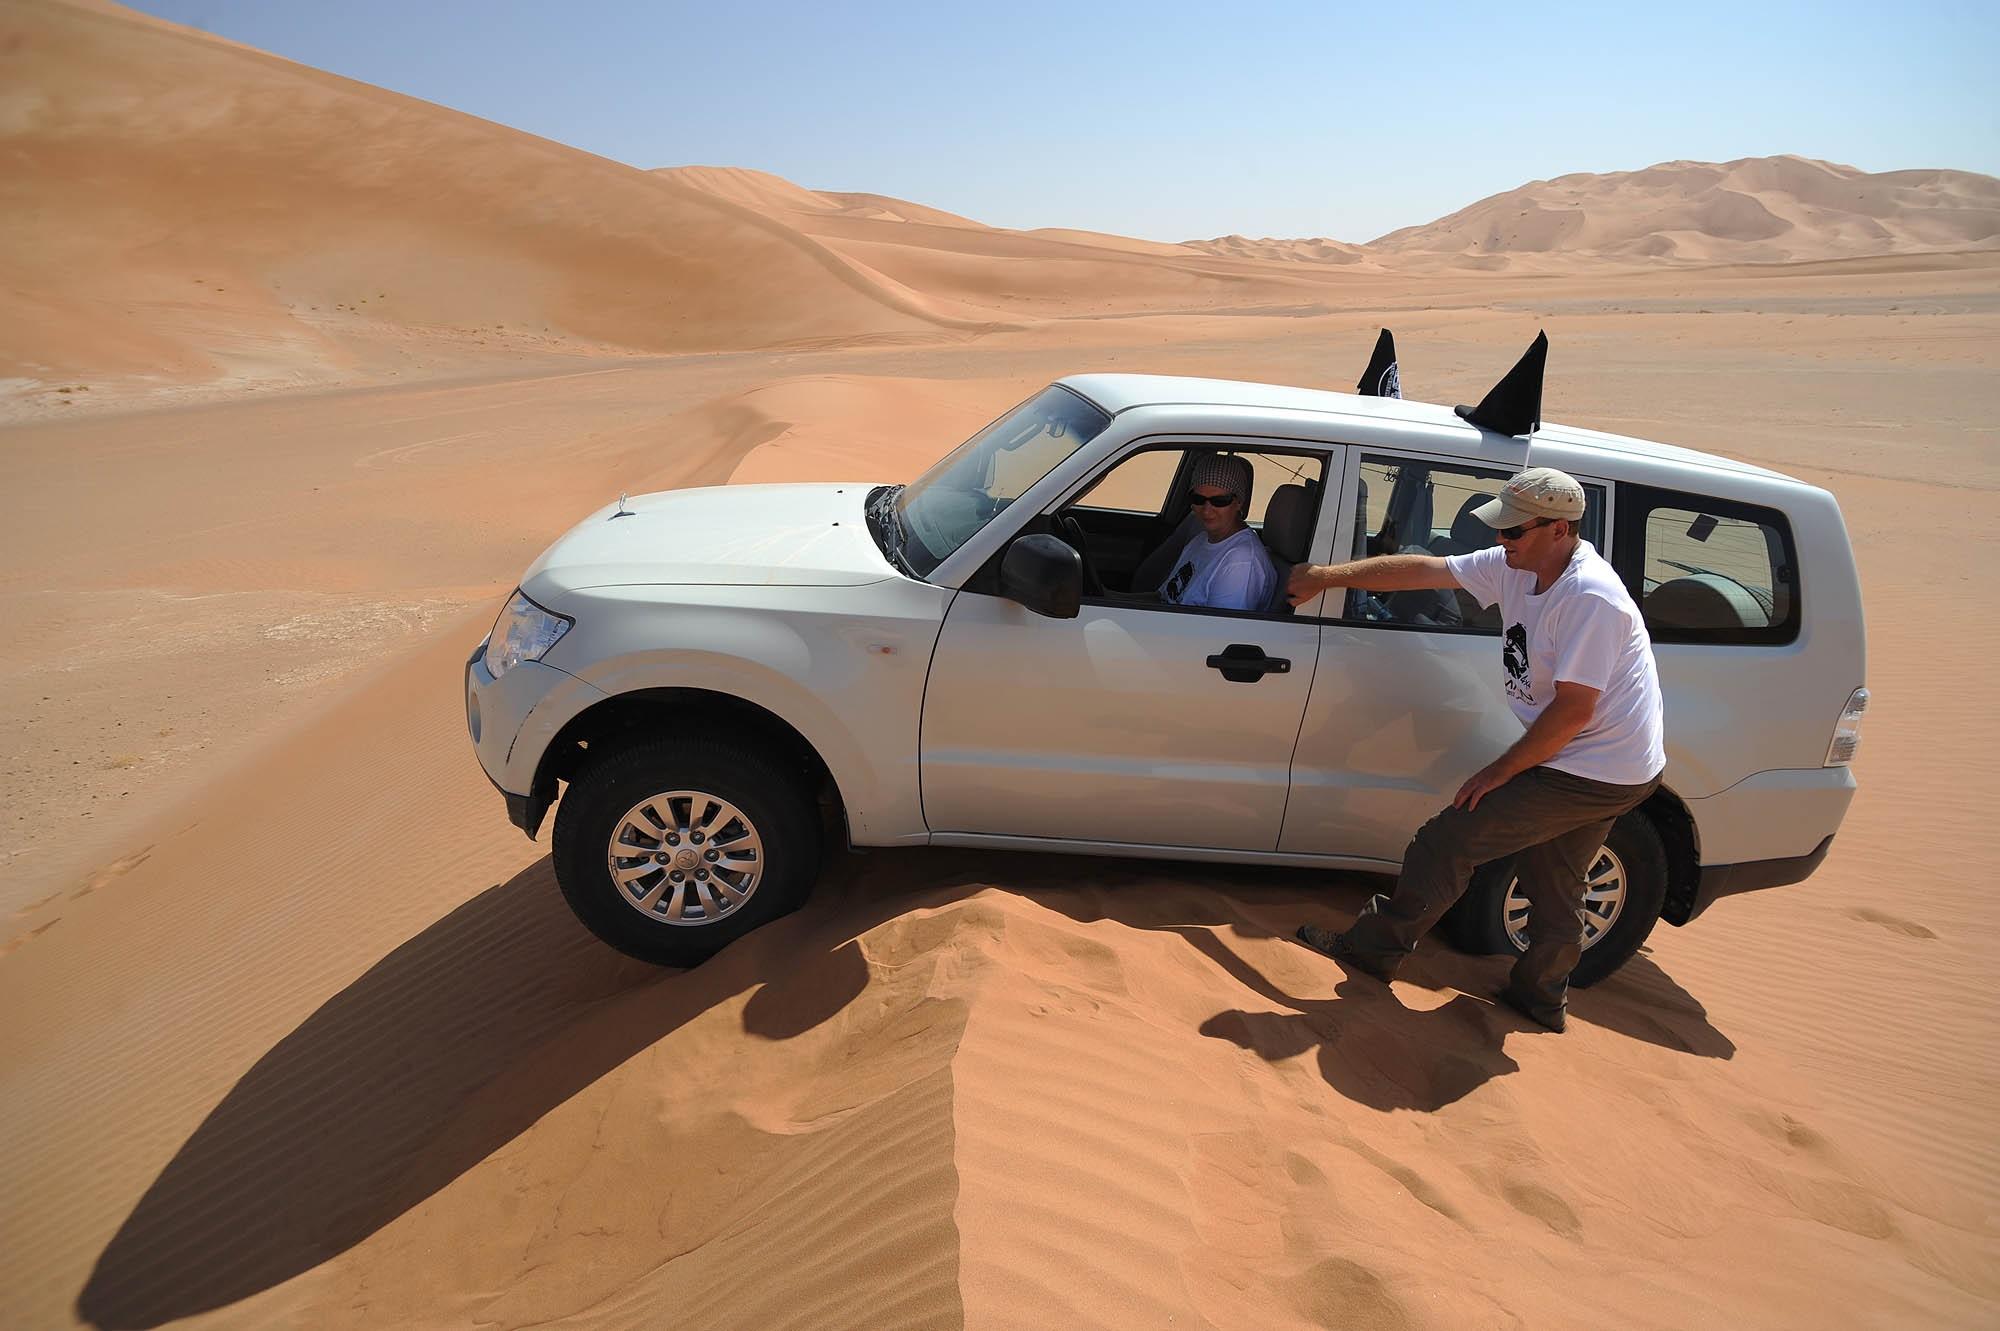 Oman - Bauchlandung! Von alleine geht da nichts mehr, also Schaufeln raus.